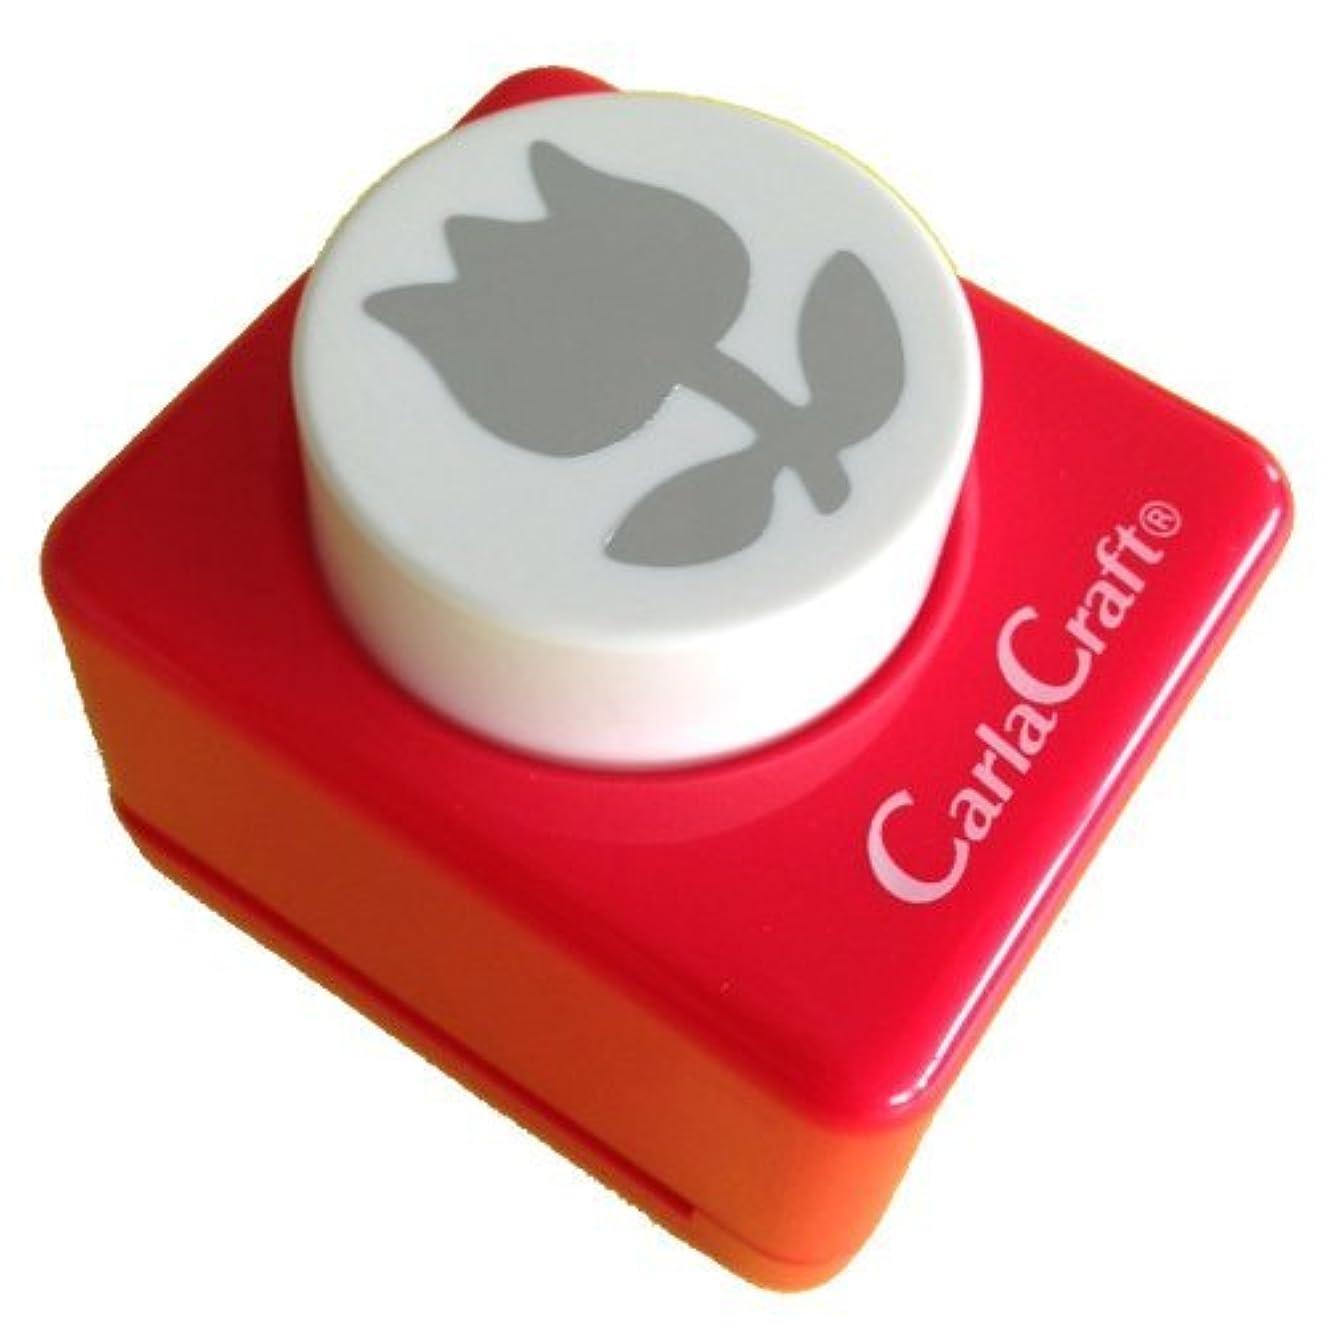 湖聖歌びっくりしたカール事務器 クラフトパンチ中 Tulip-A CP-2 ???????-A 00906163 【まとめ買い3個セット】